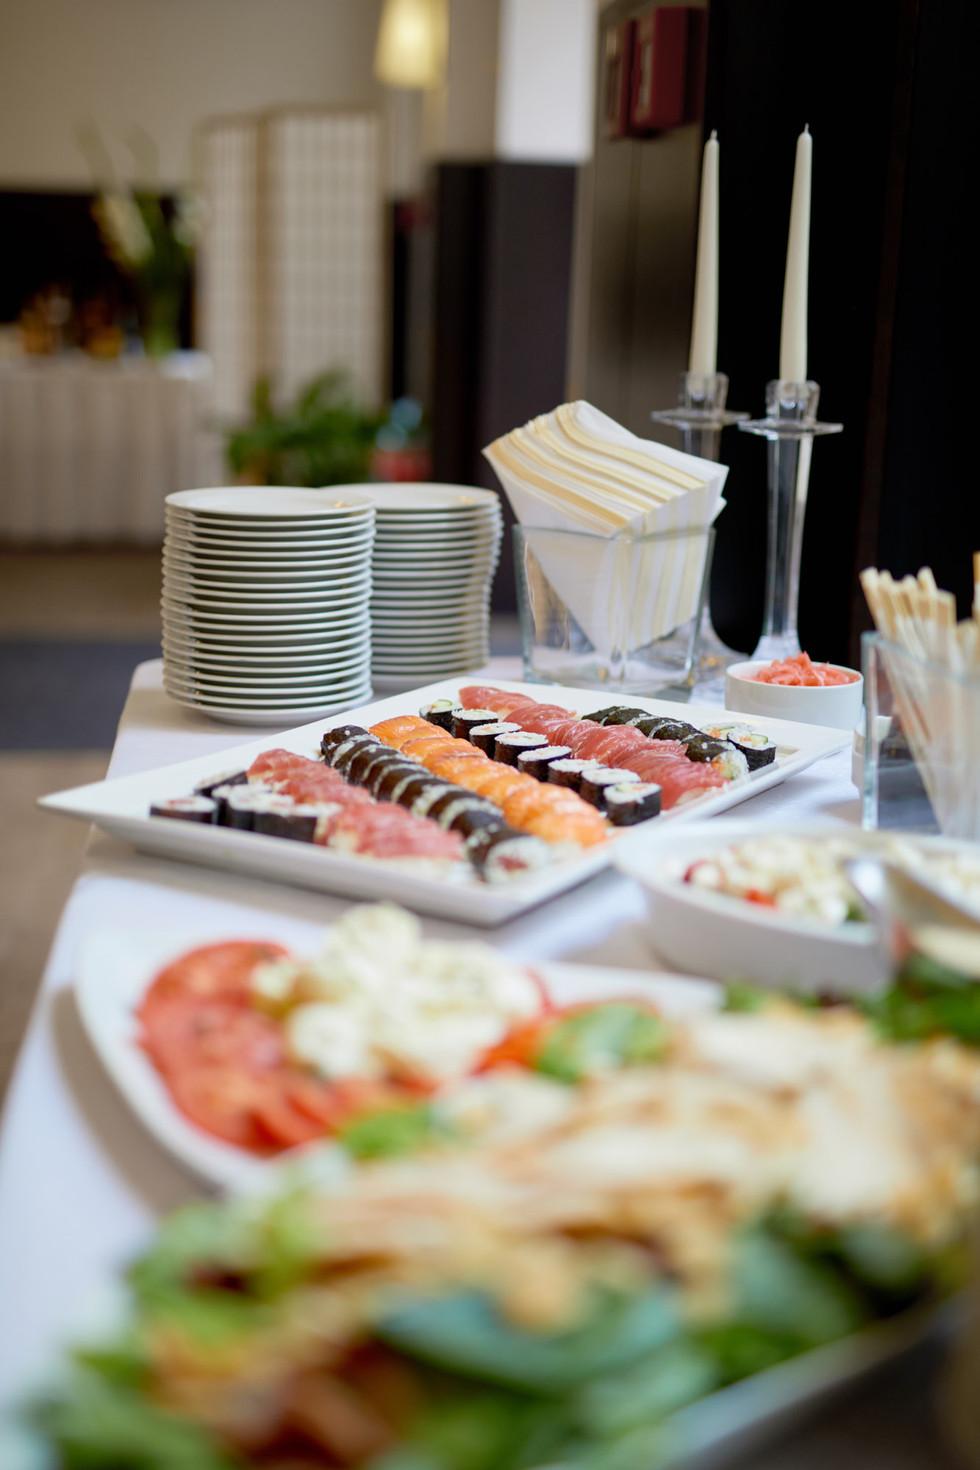 Radnicni-restaurace-catering 18.jpg